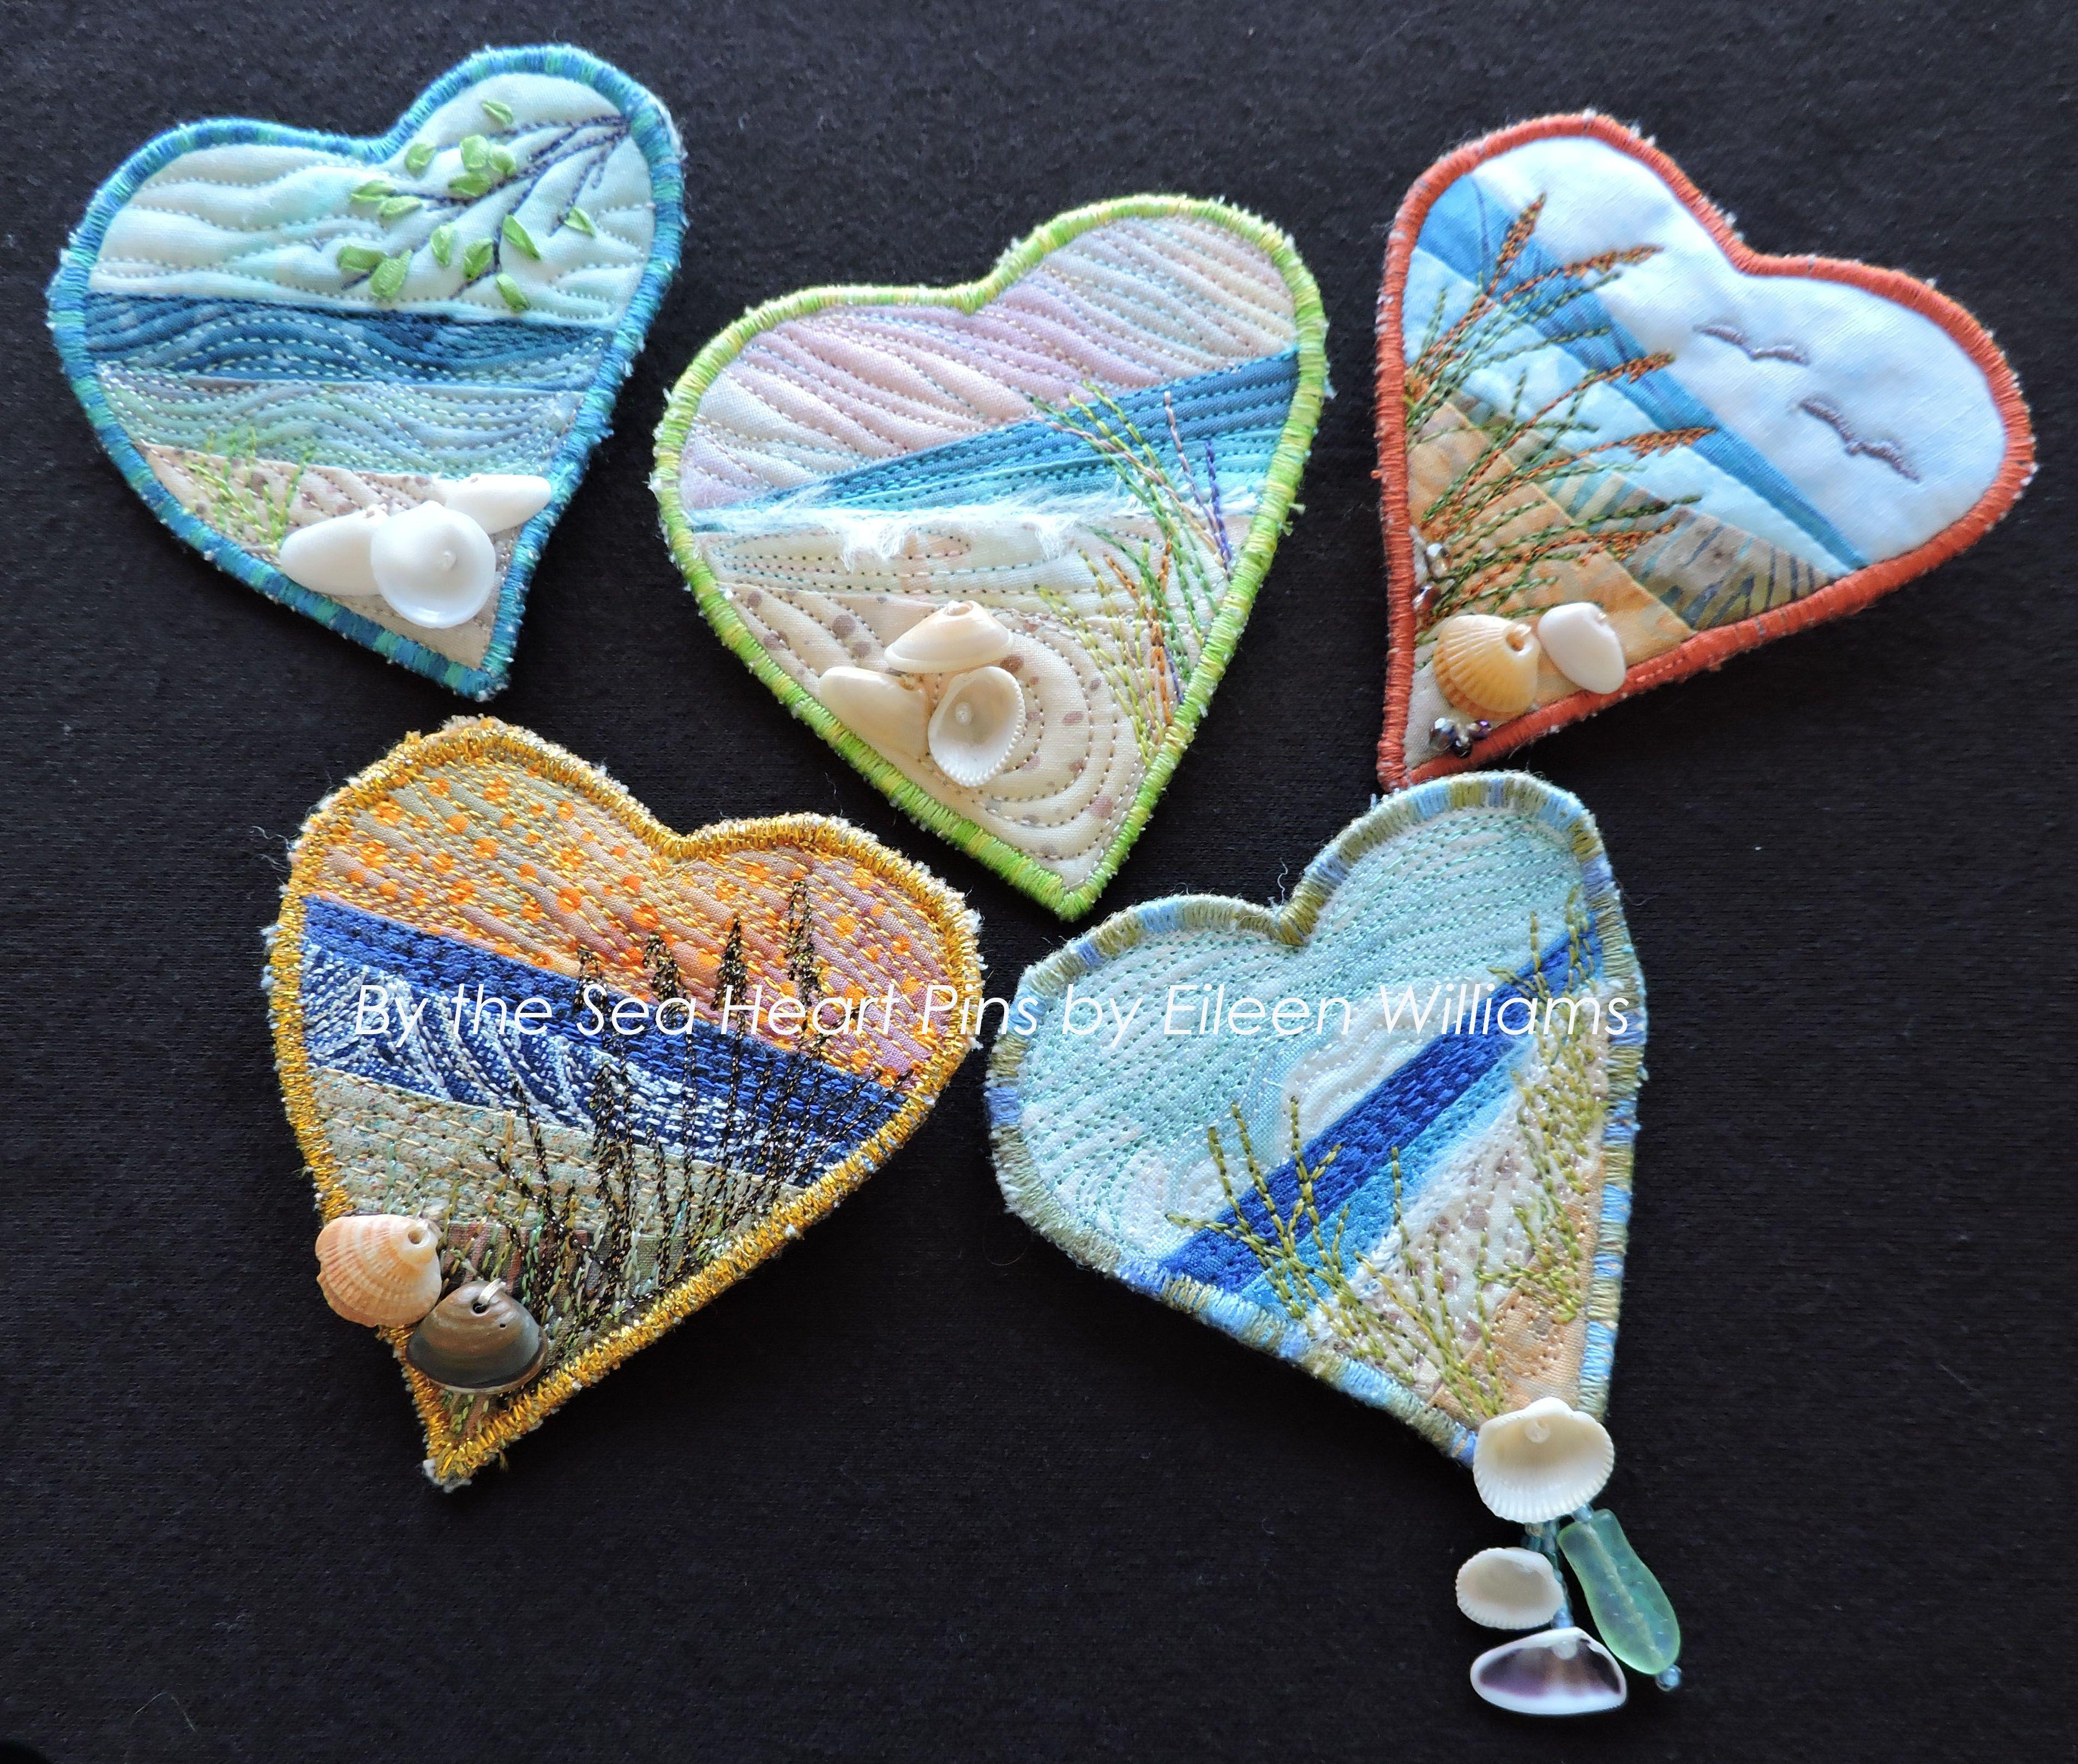 Fiber Art Heart Pins by Eileen Williams